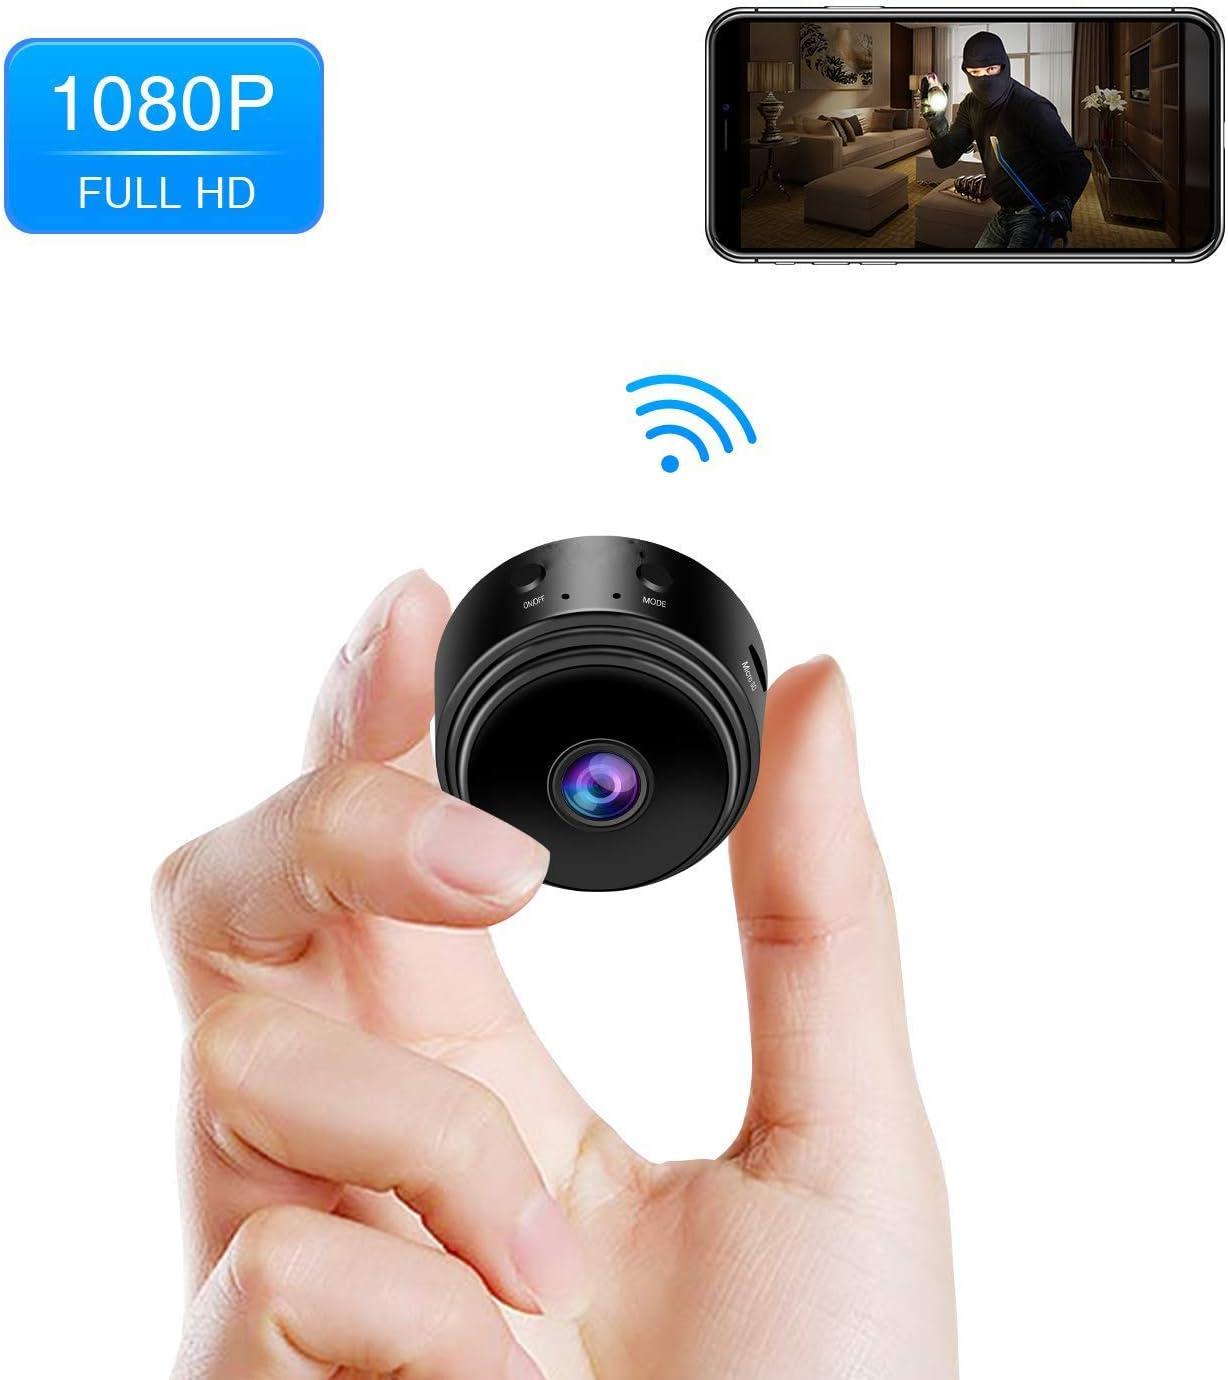 B&H-ERX 1080P HD WiFi Mini cámara, Incluye 32G Tarjeta SD, Tiny ...